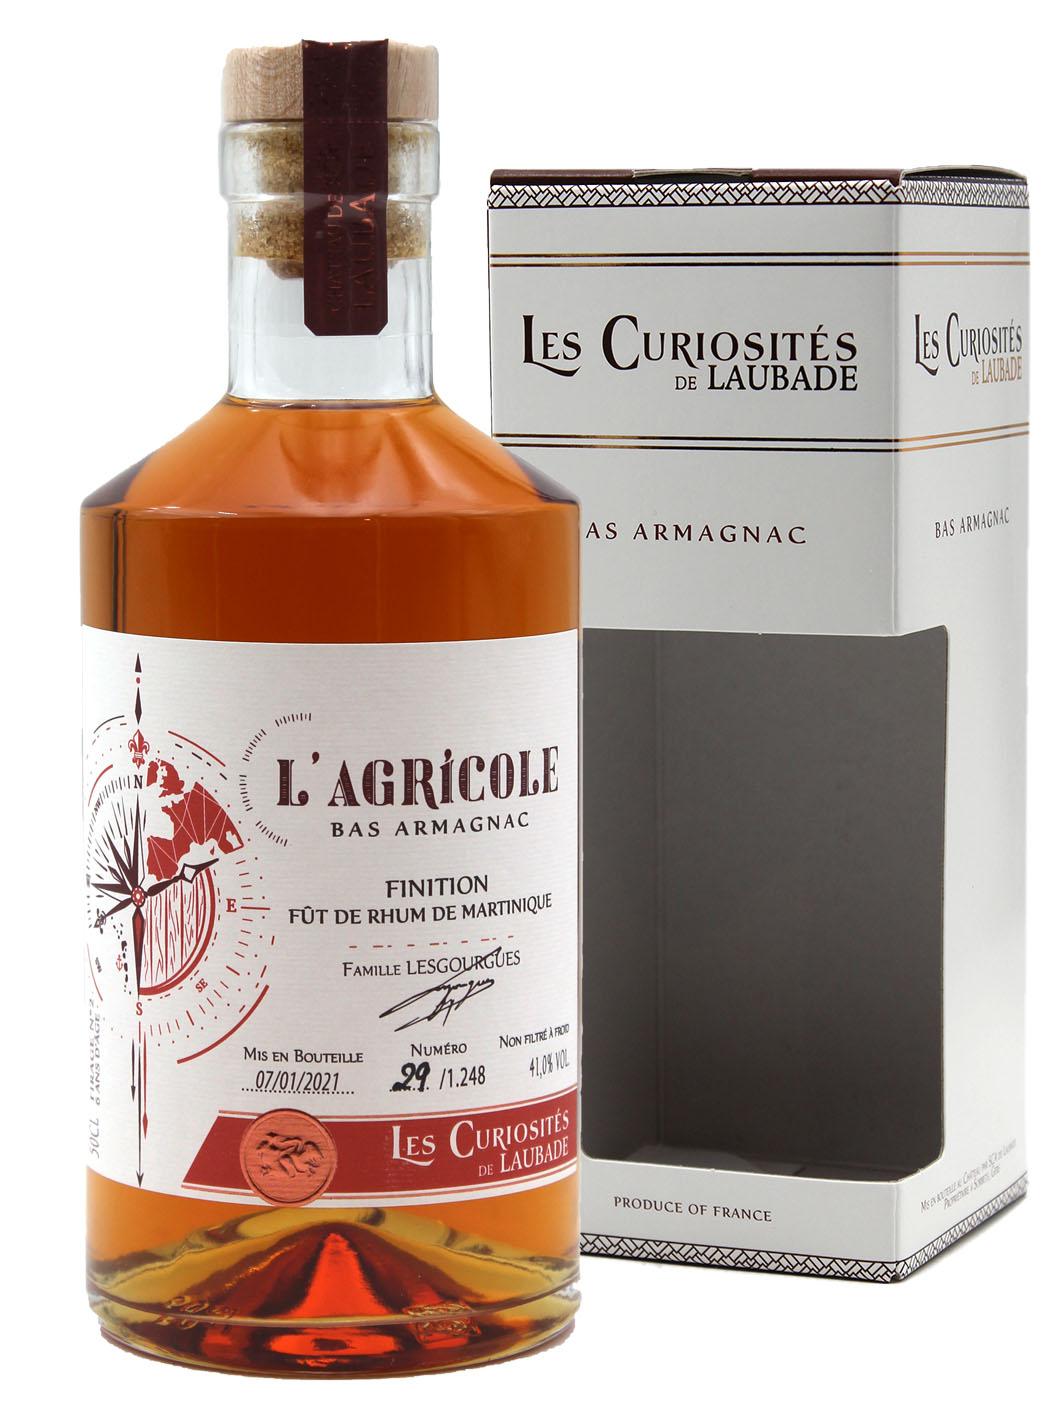 L\'Agricole - AOC Bas Armagnac - Les Curiosités de Laubade - 50cl